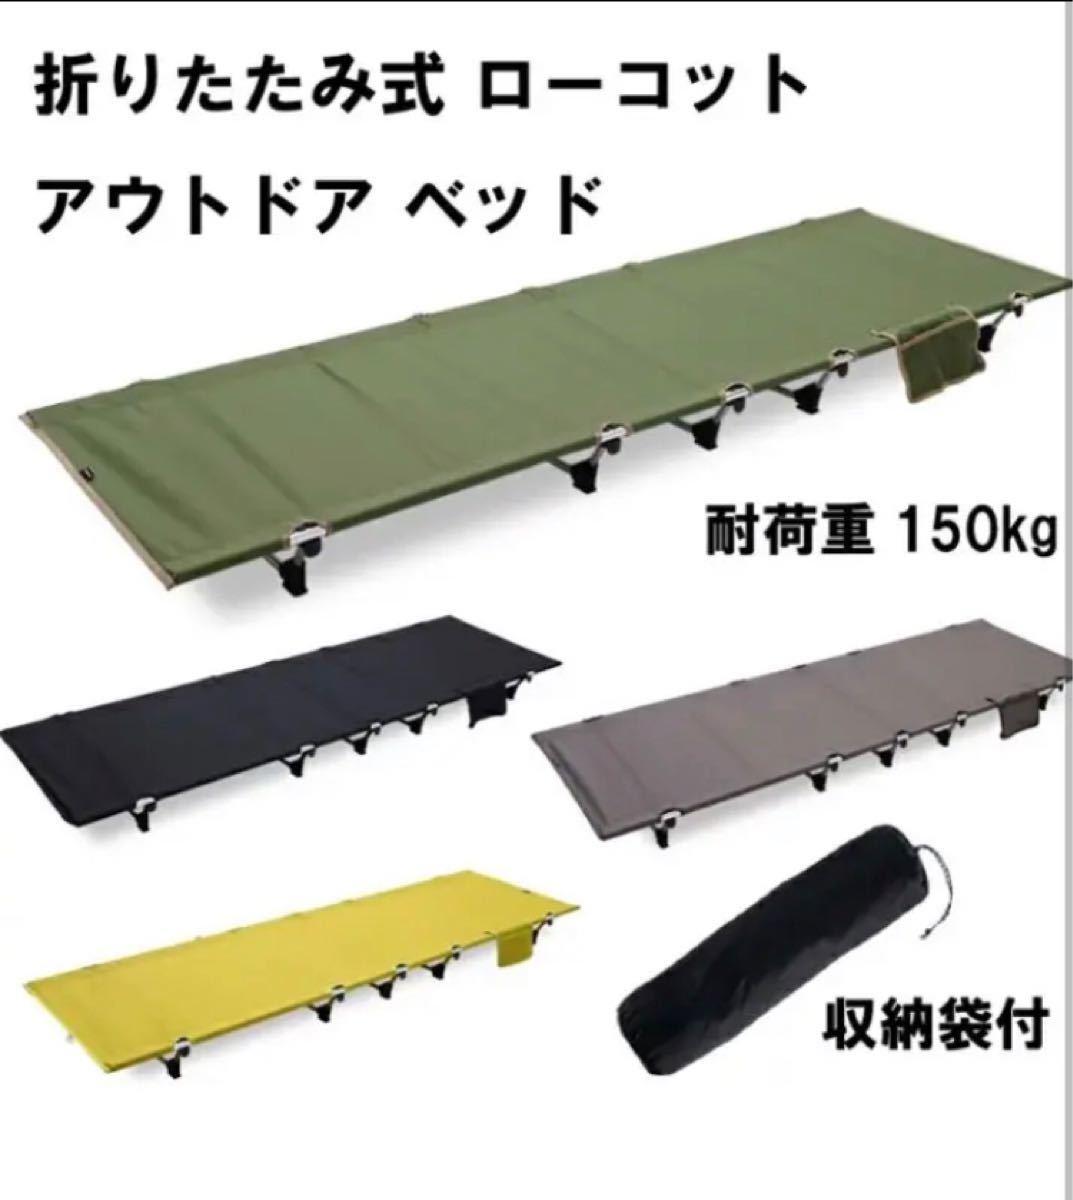 値下げ! 簡易ベッド アウトドアベッド 軽量 コンパクト グレー